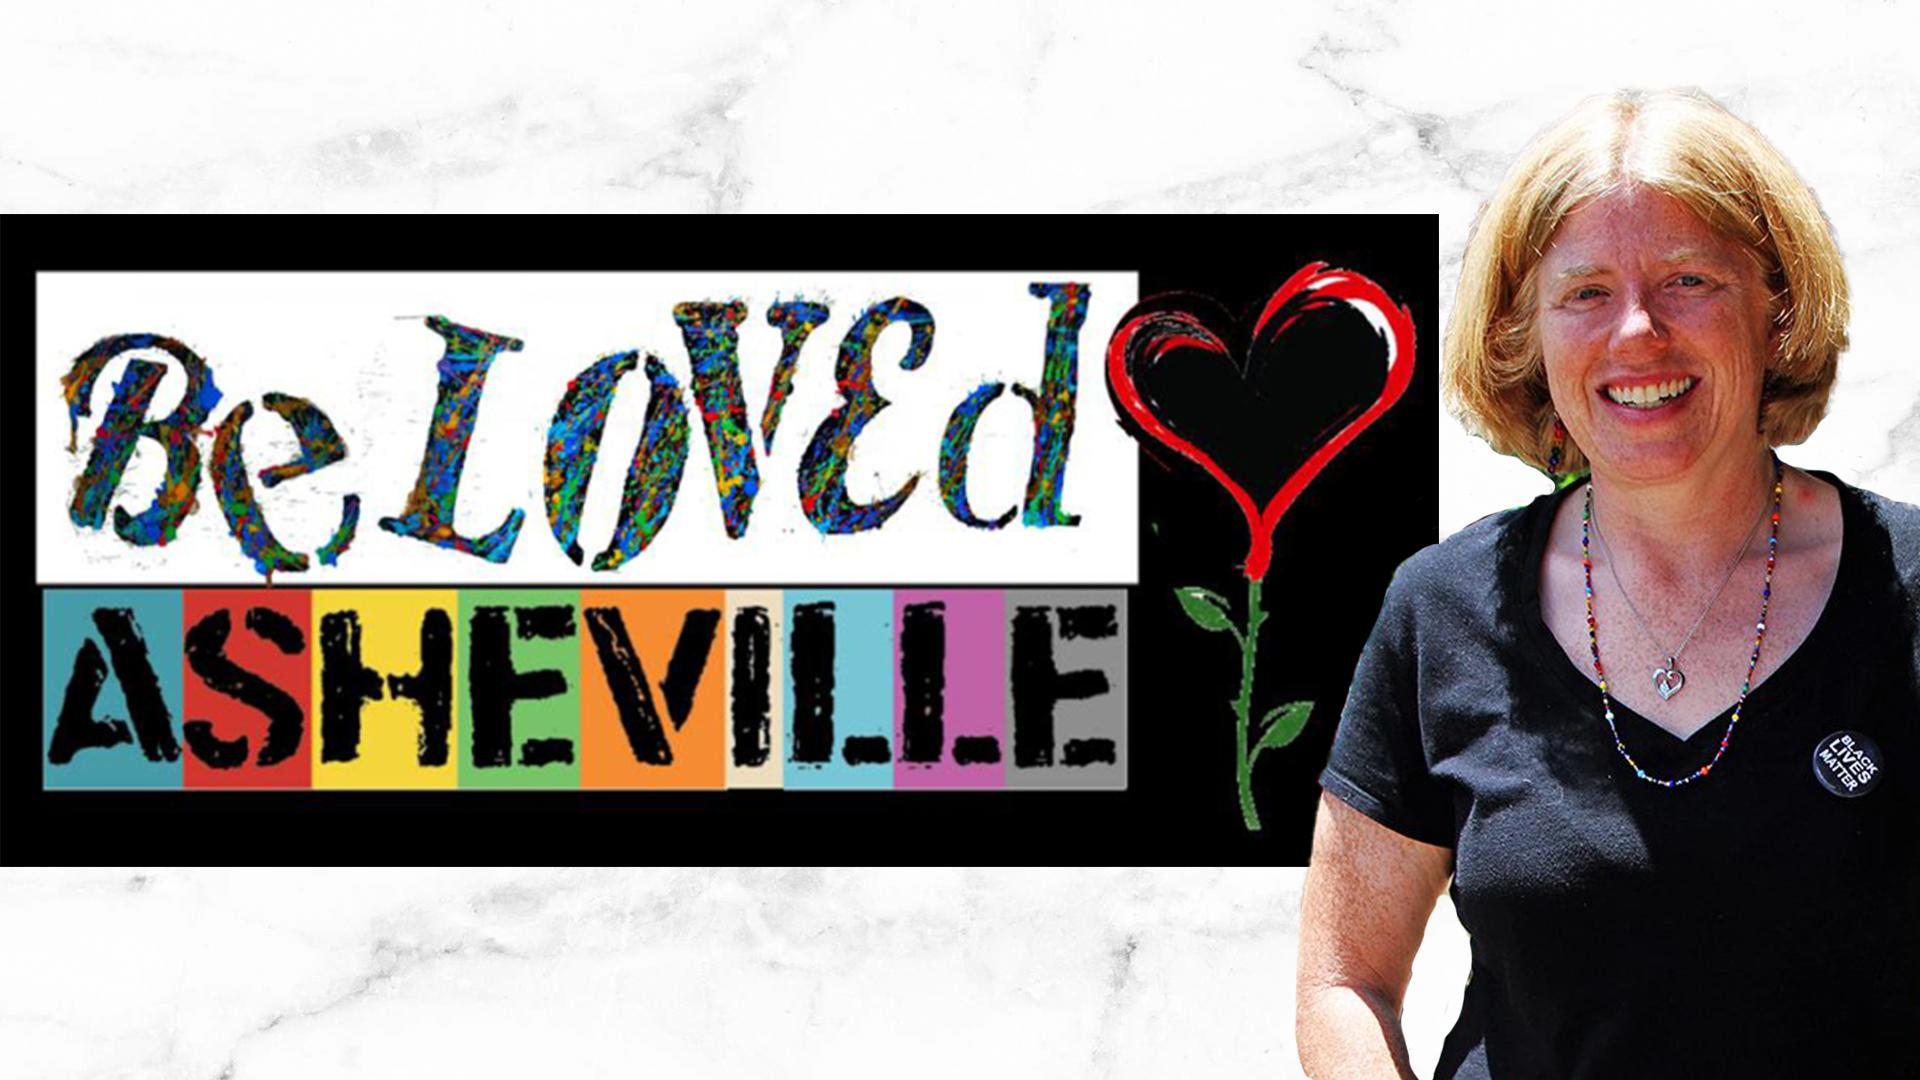 BeLoved Asheville